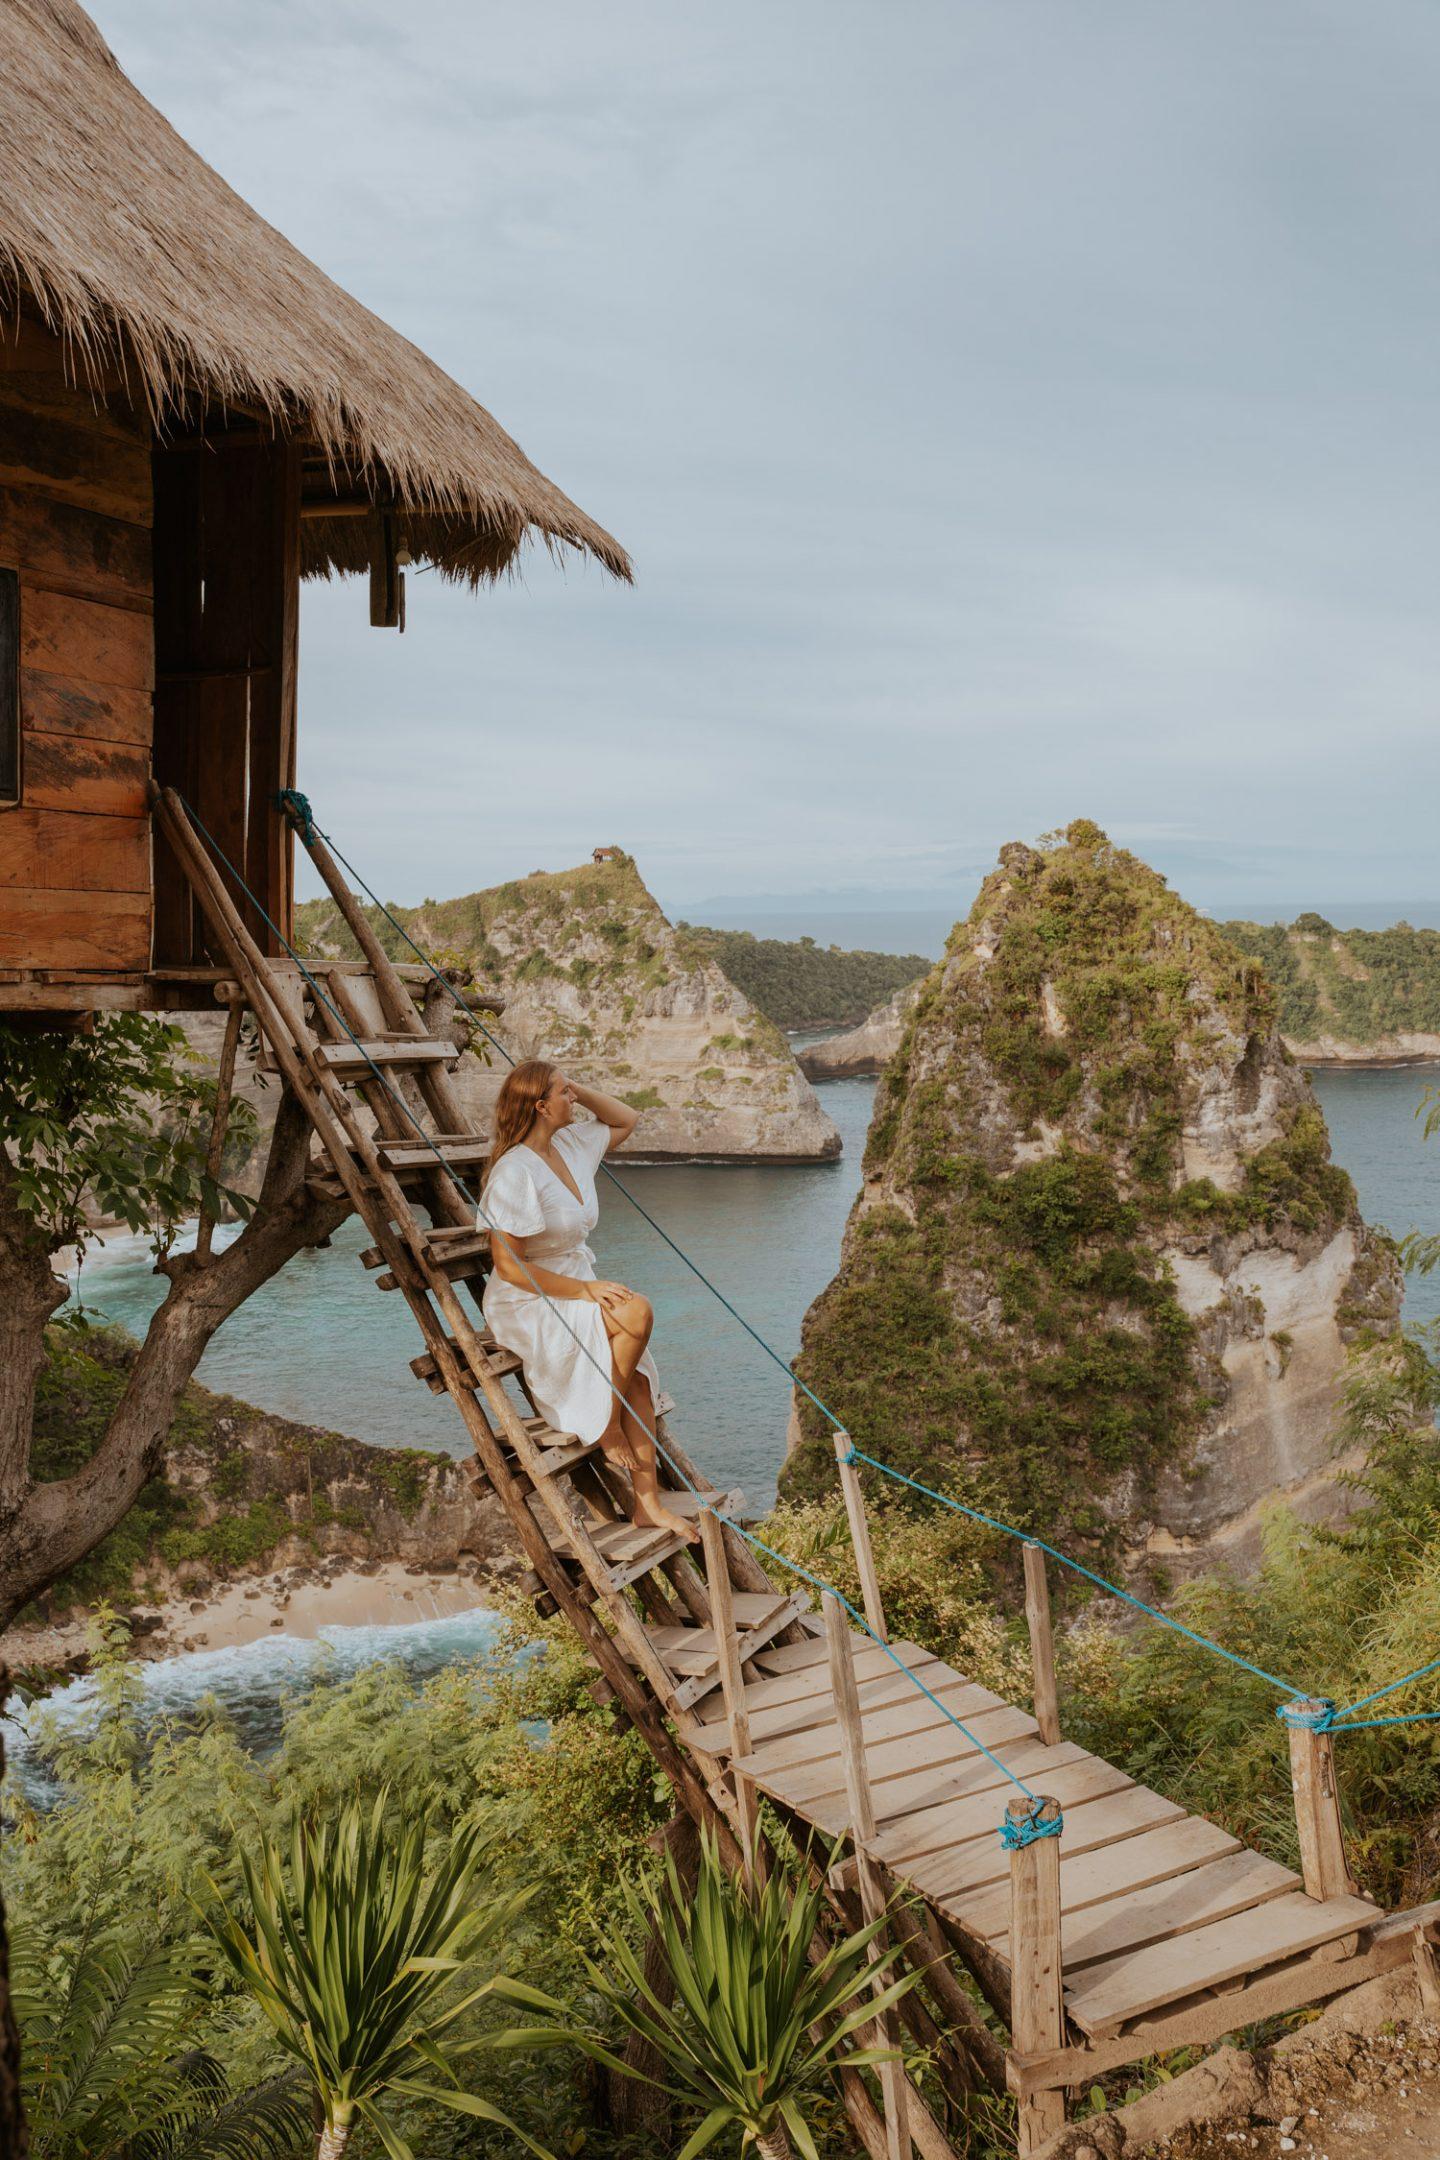 Treehouse in Nusa Penida